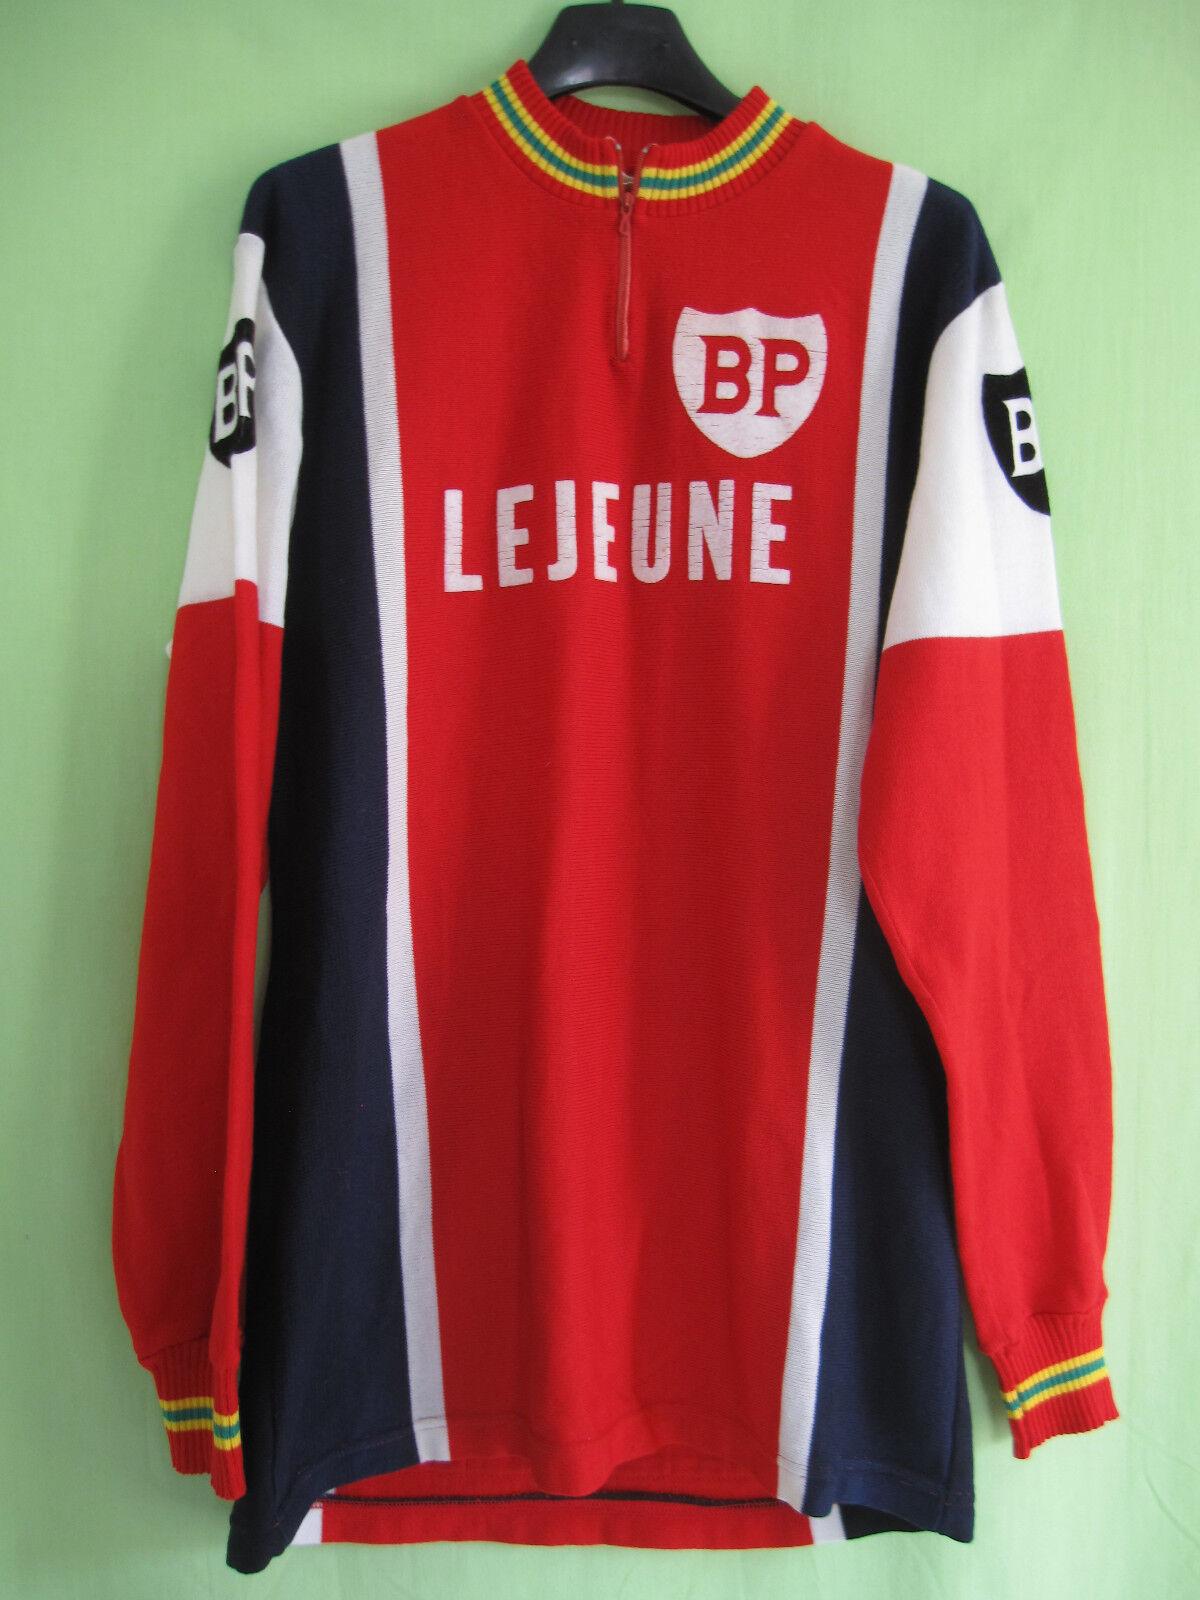 Maillot Cycliste Lejeune BP 1976 vintage 70'S acrylique Jersey - 4   L